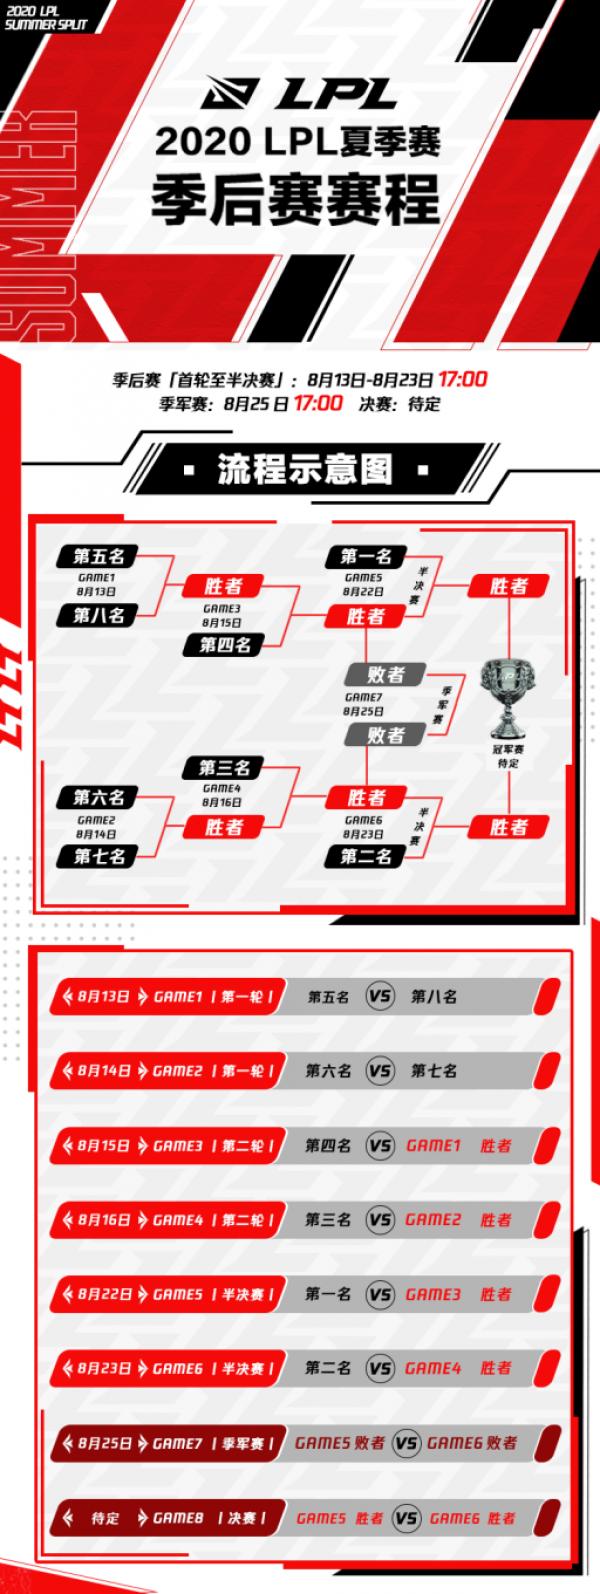 2020LPL夏季赛季后赛赛程、赛制及全球总决赛积分介绍 季后赛赛制